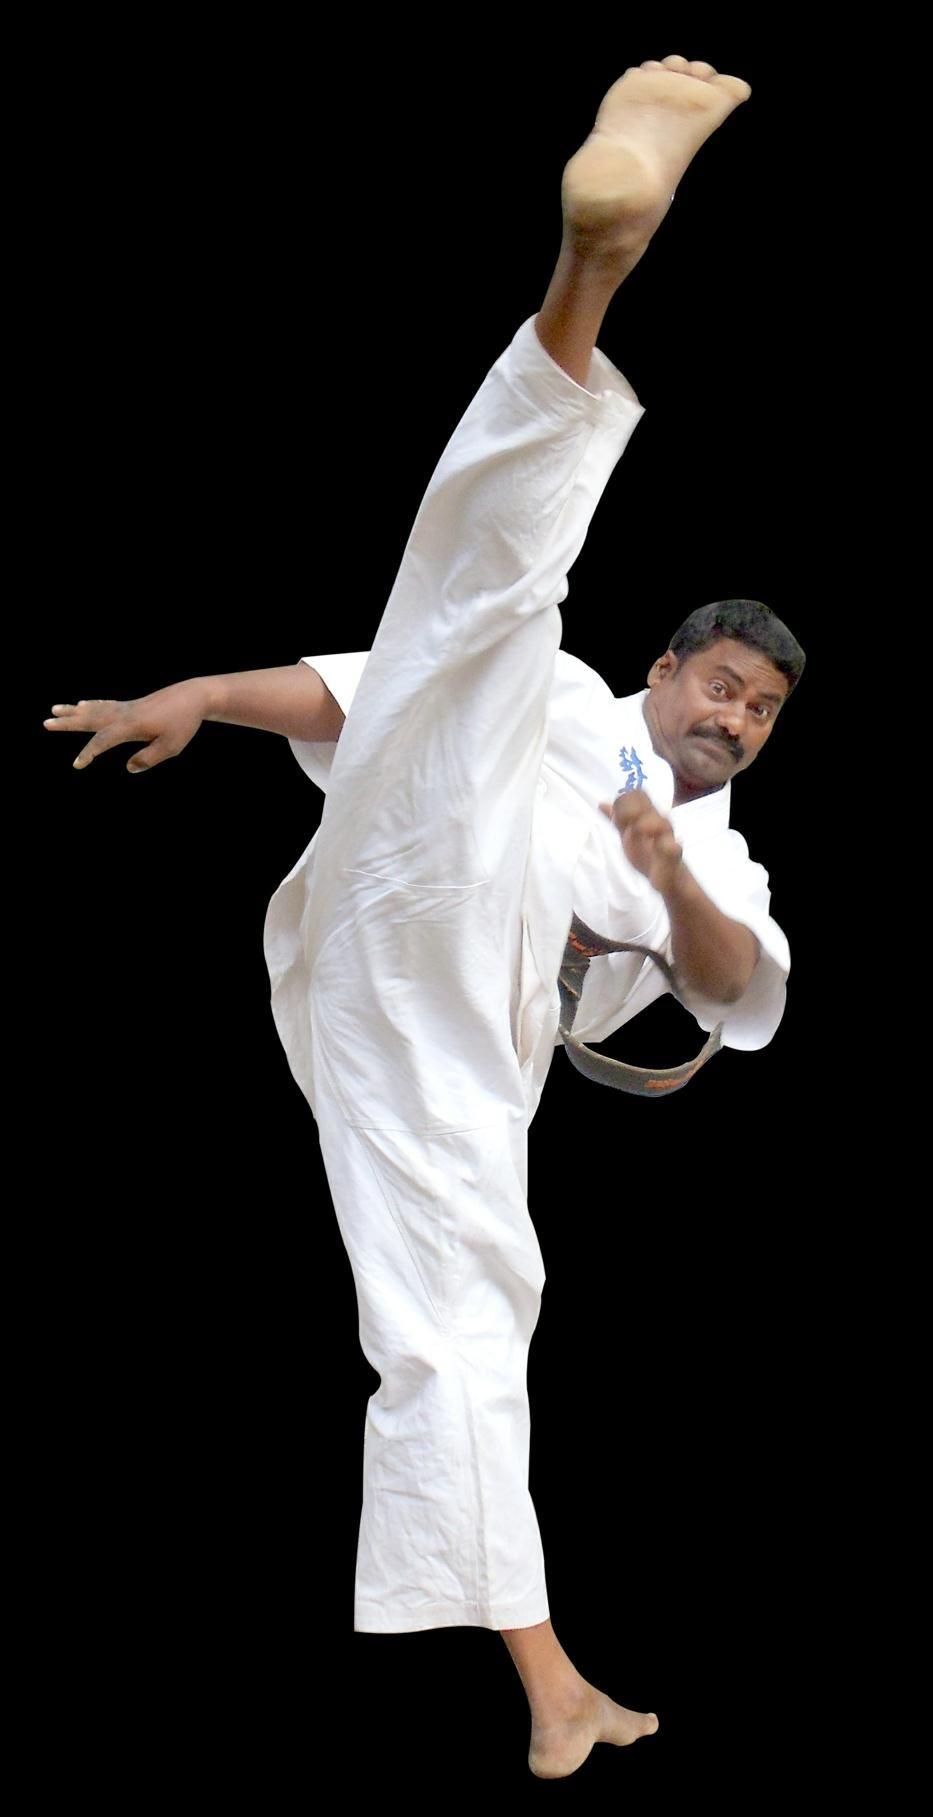 kendo in bangalore